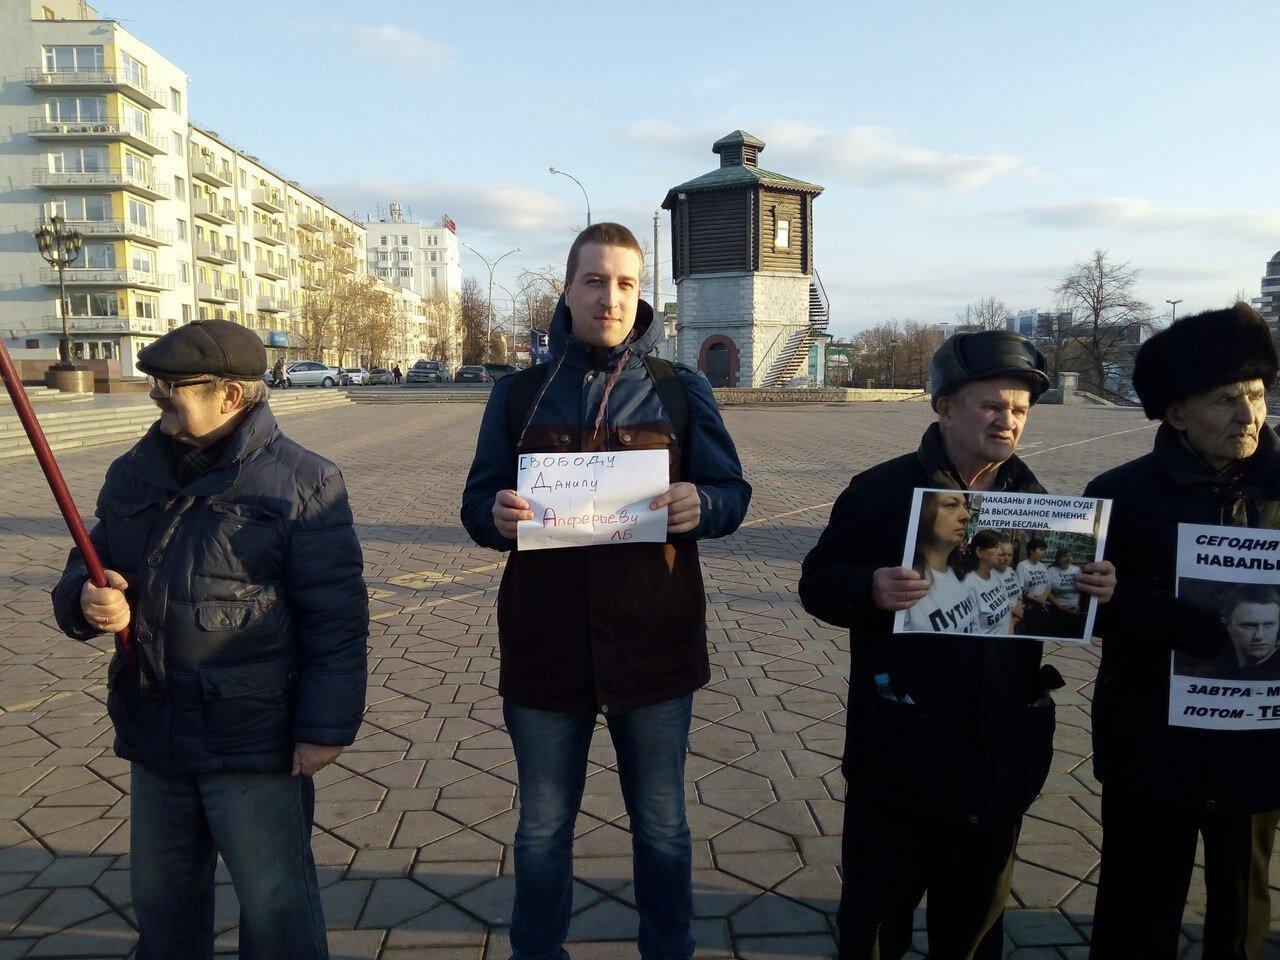 Екатеринбург: в поддержку политзаключённых